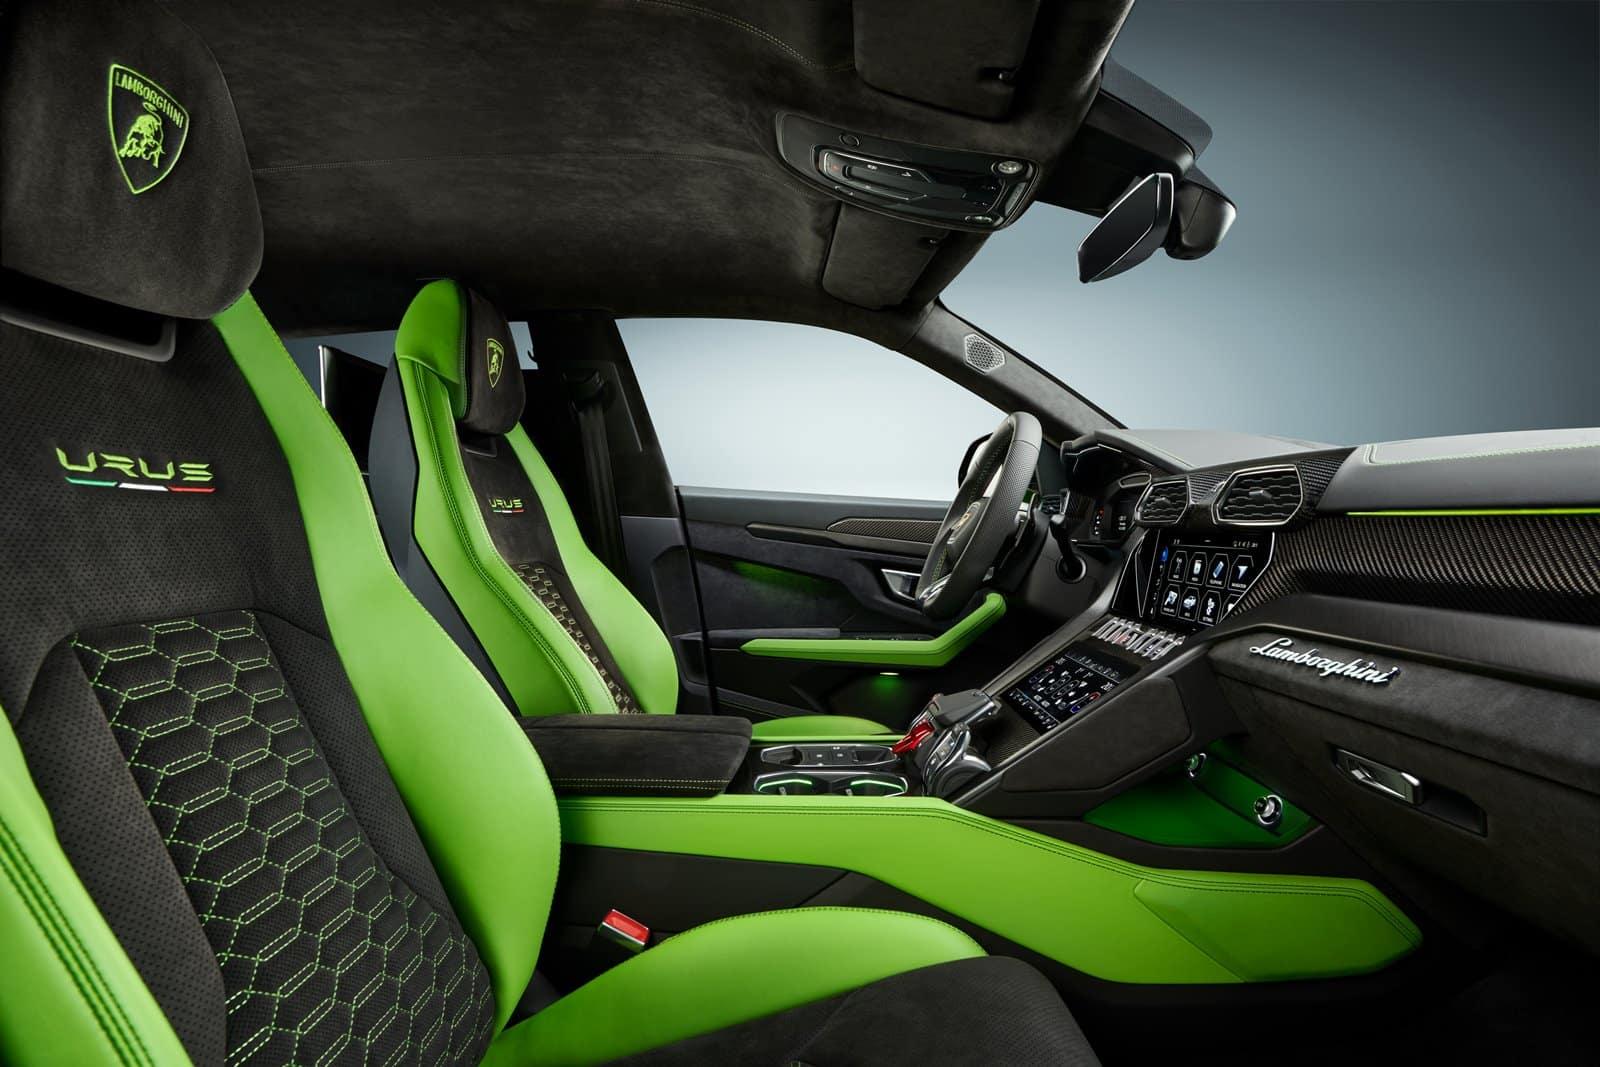 Lamborghini Urus Pearl Capsule Olvidate De Los Colores Aburridos